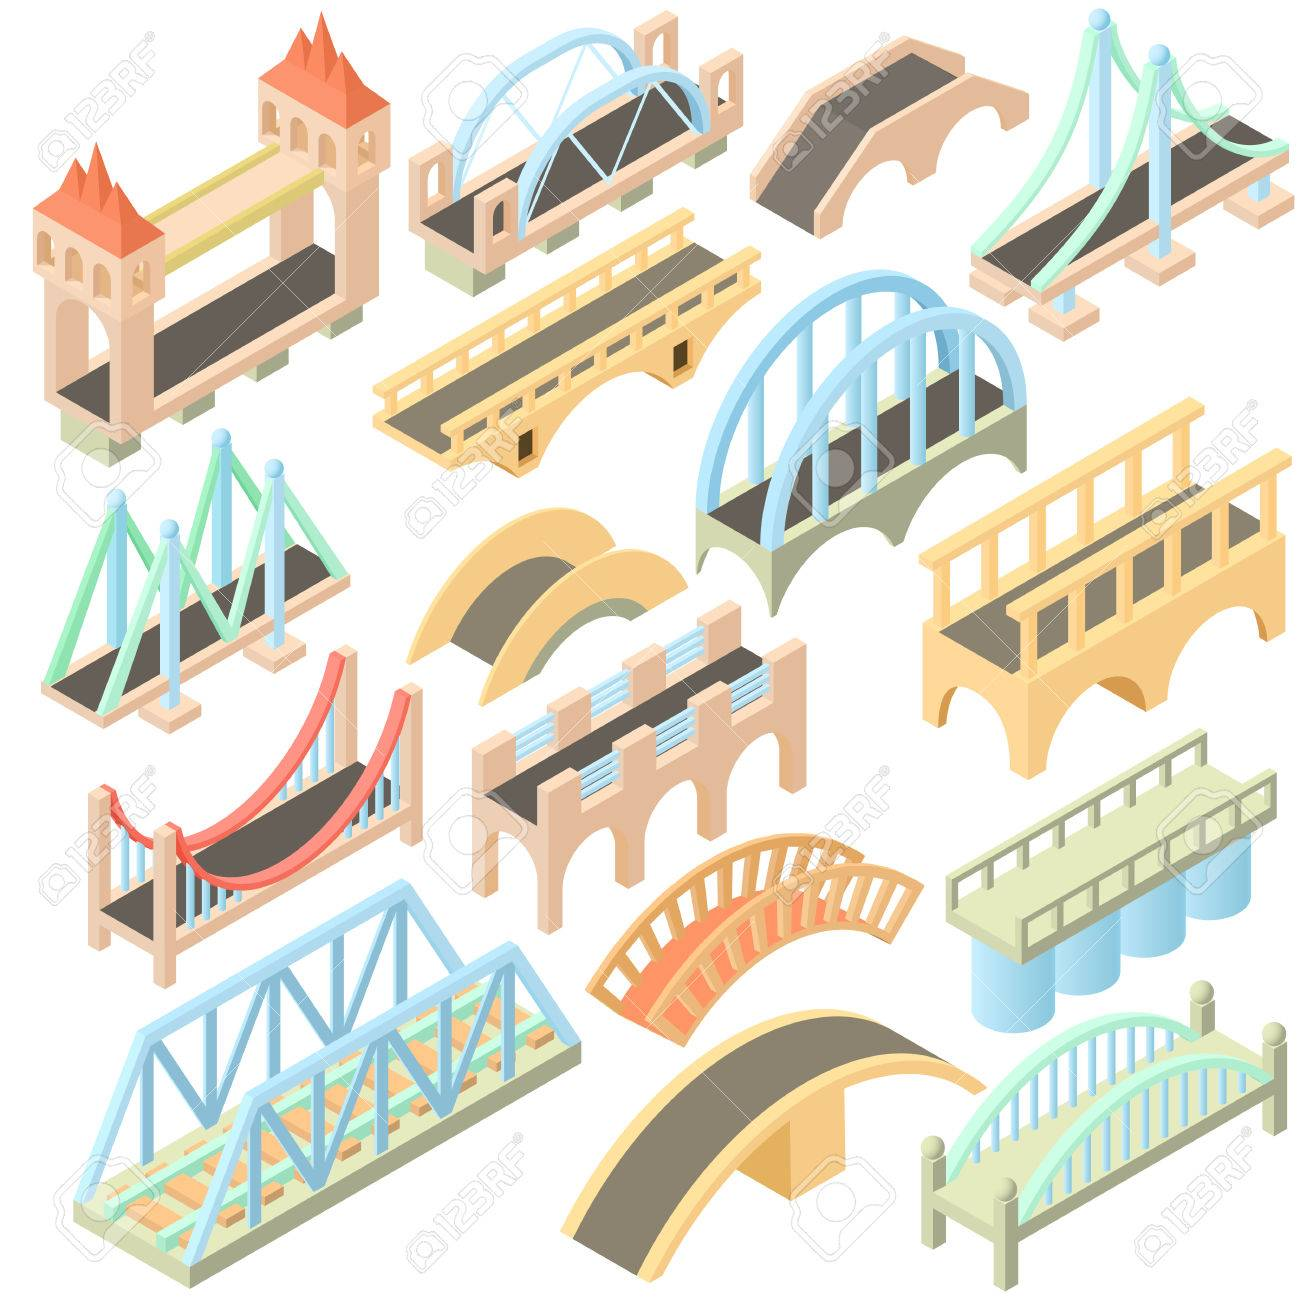 Isometric bridges stadium icons set. Universal bridges icons to use for web and mobile UI, set of basic bridges elements isolated vector illustration - 61022830